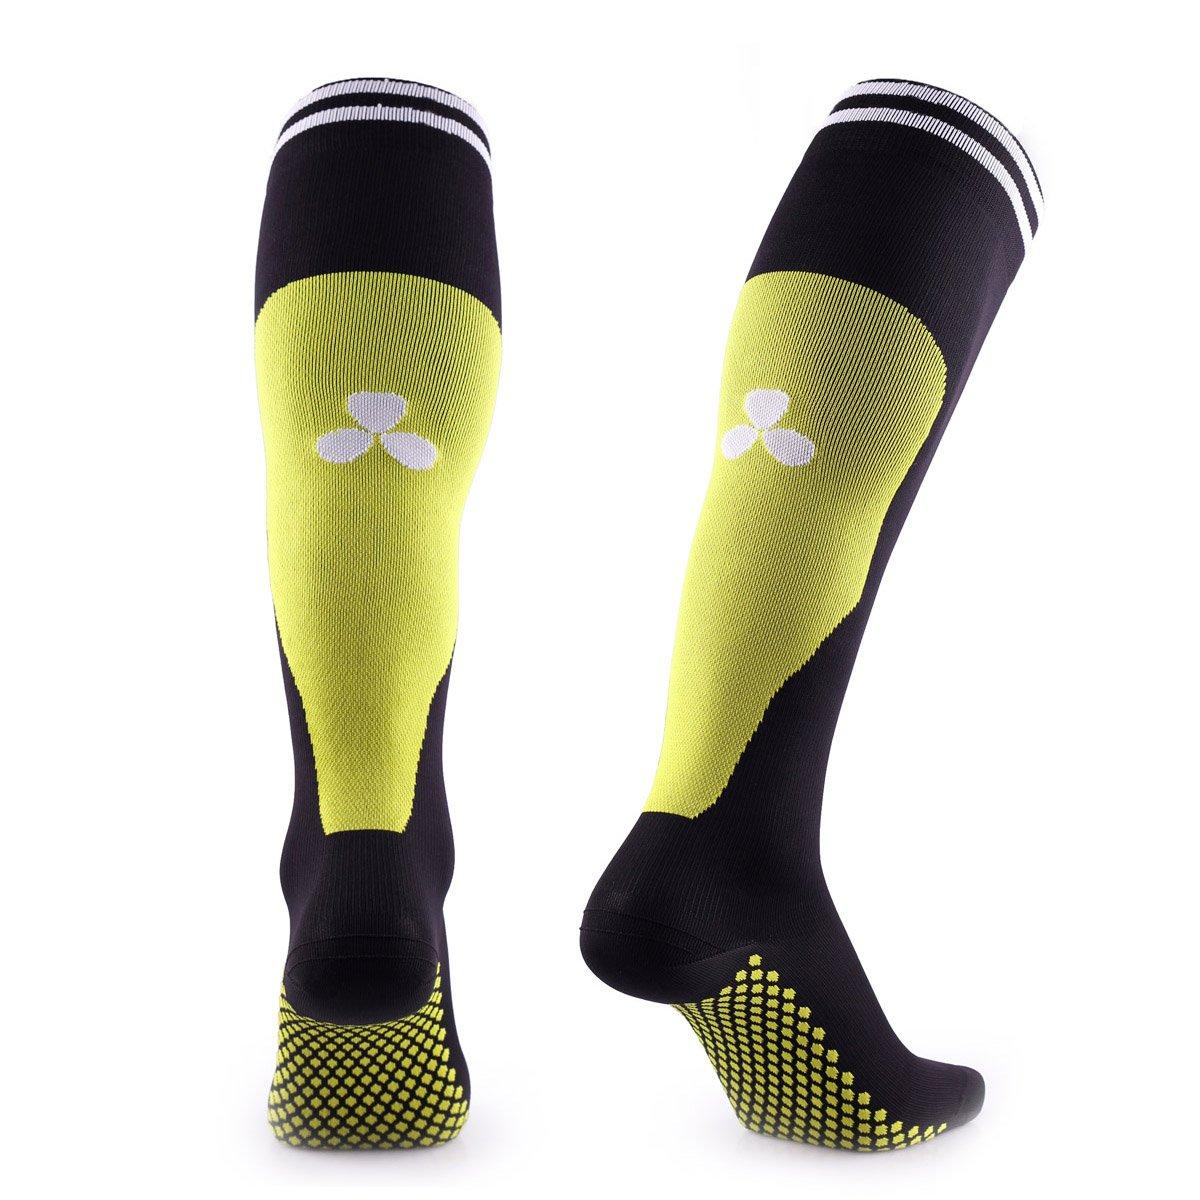 Calcetines de compresión Samson ®, para deportes, fútbol ...